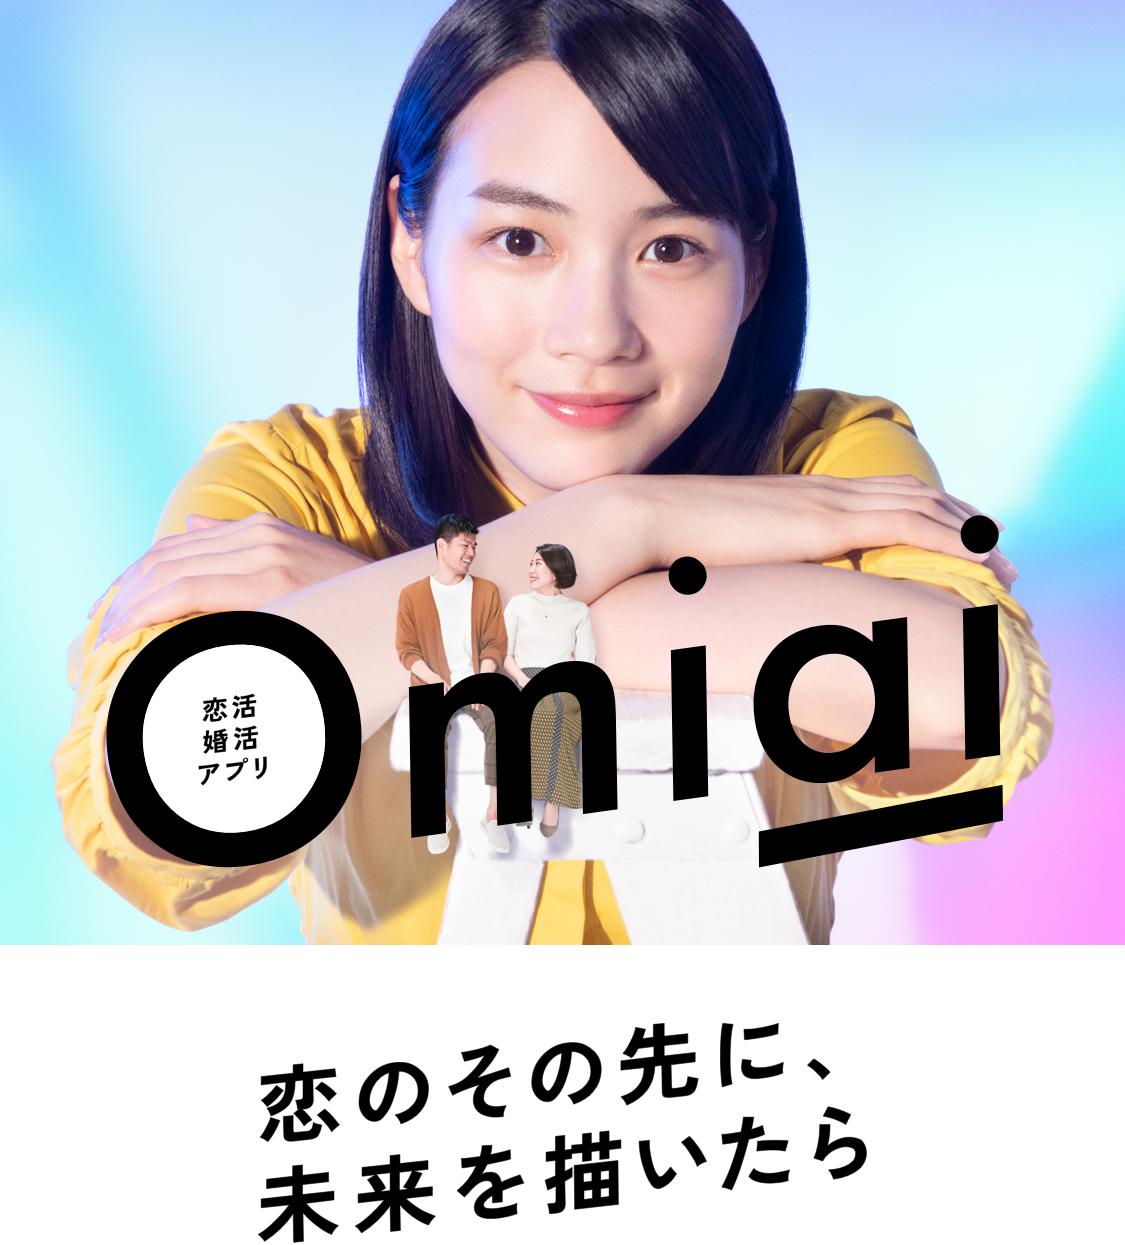 ネットマーケティング Omiai(オミアイ)に関する田中 美奈子さんの口コミ画像1